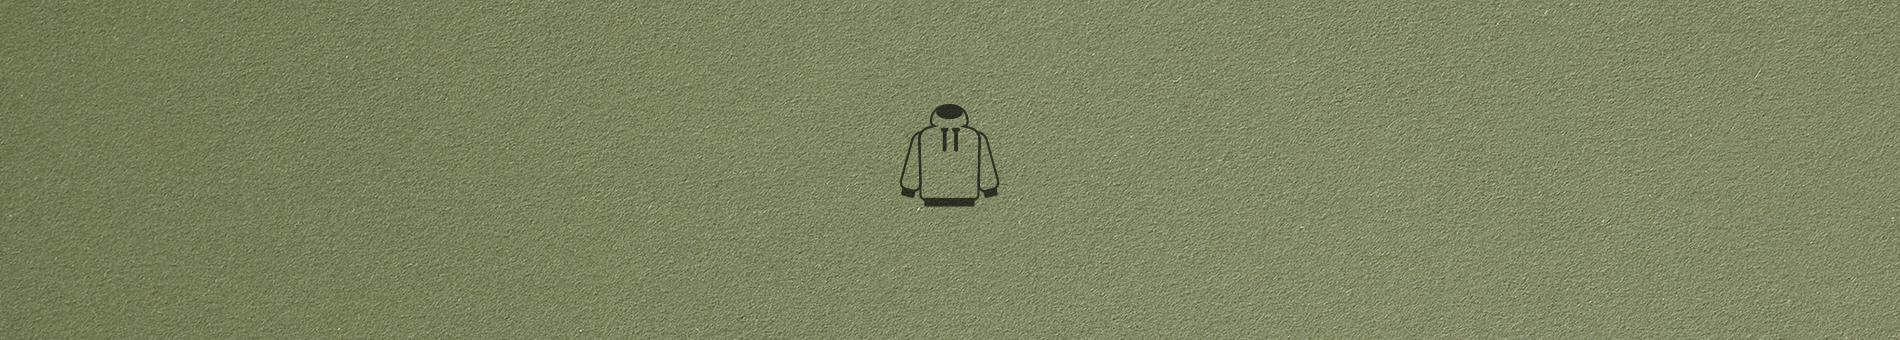 Textile - Casquette - Parapluie